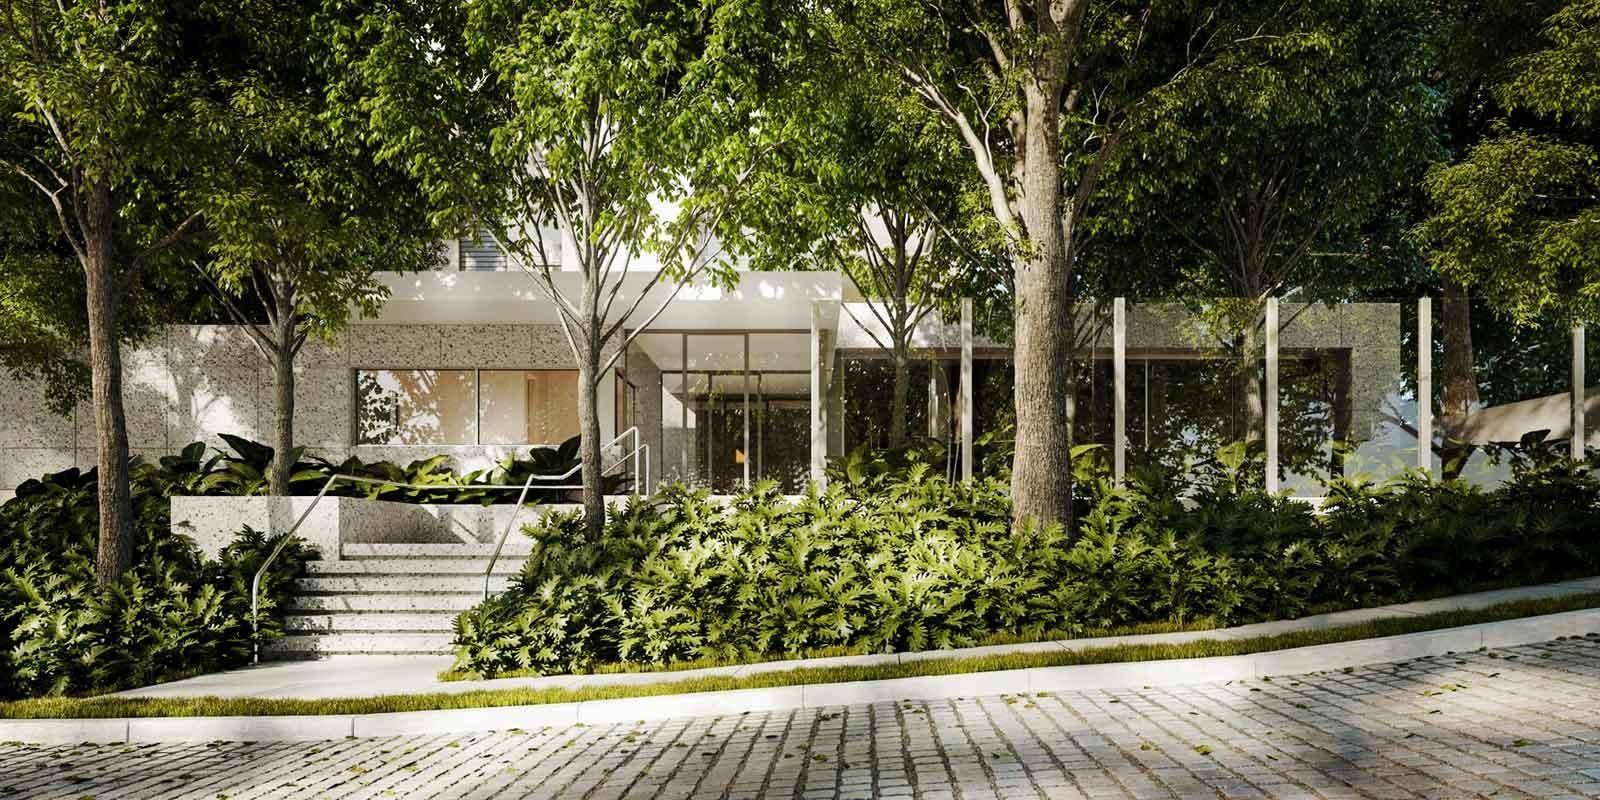 TPS Imóveis - Veja Foto 1 de 20 do Apartamento com 3 dormitórios no Bairro Bela Vista, Porto Alegre